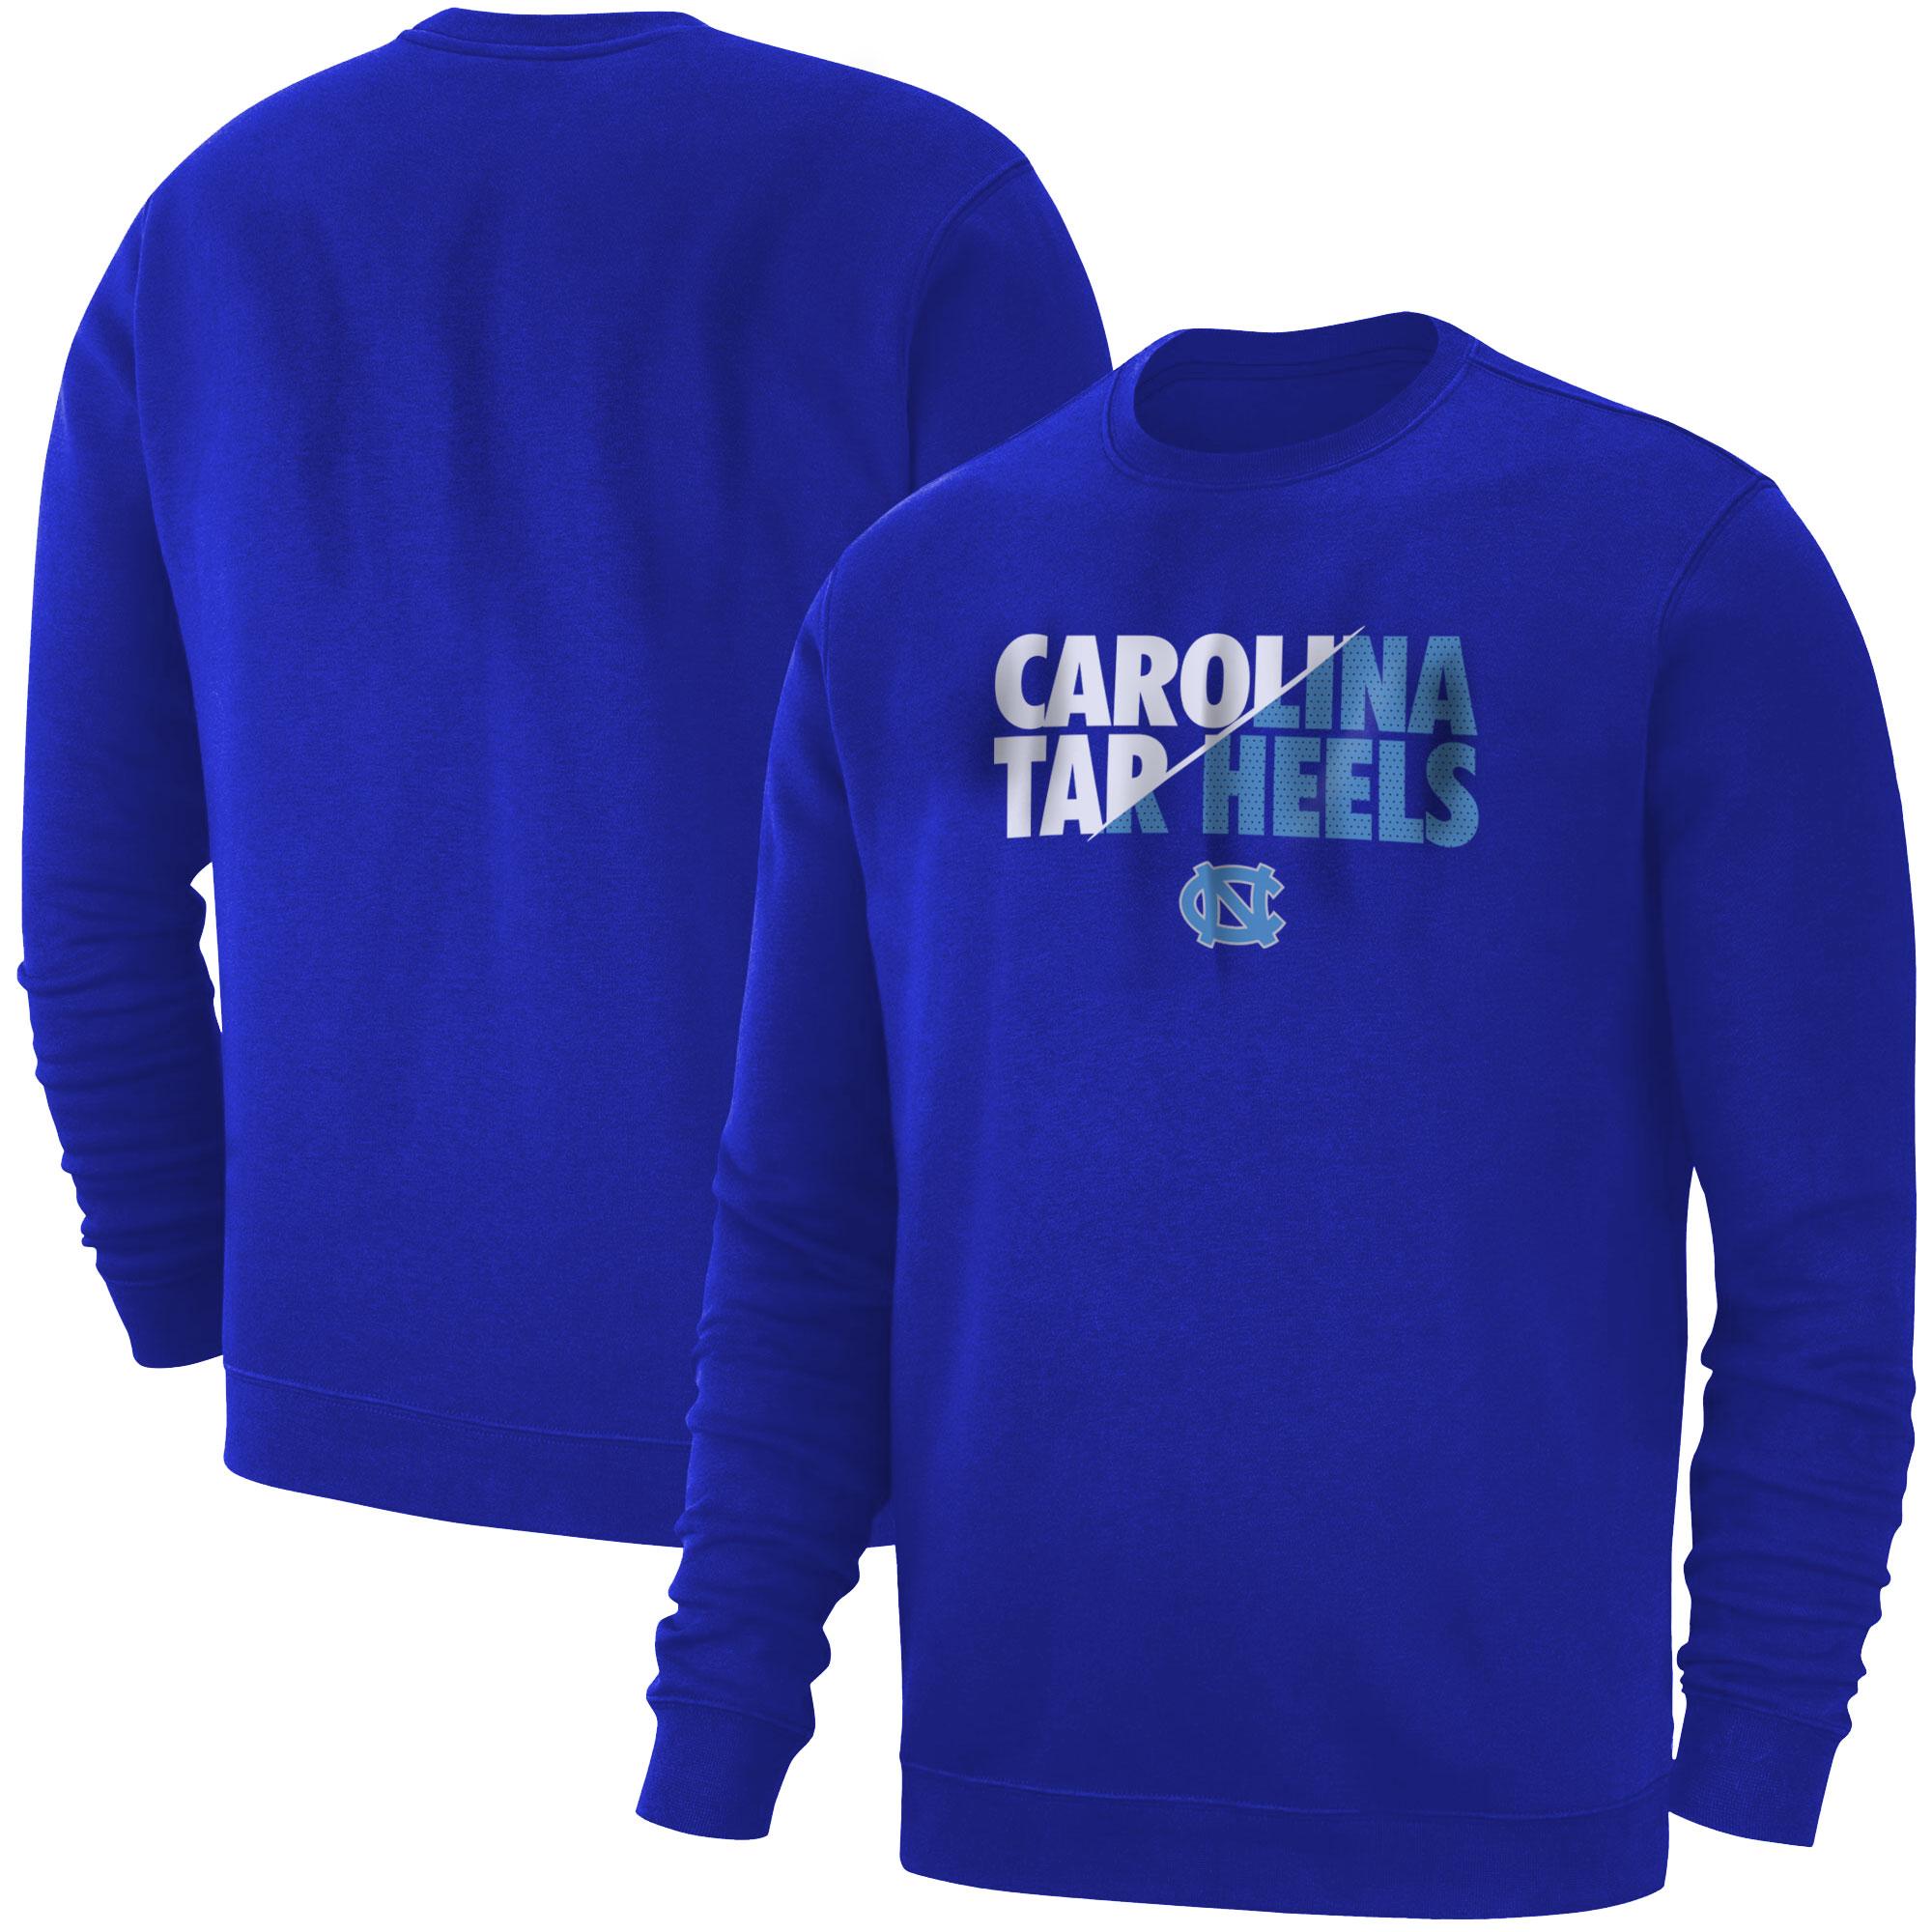 Carolina Tar Heels Basic (BSC-BLU-486-NCAA-CAROLINA-HEELS)